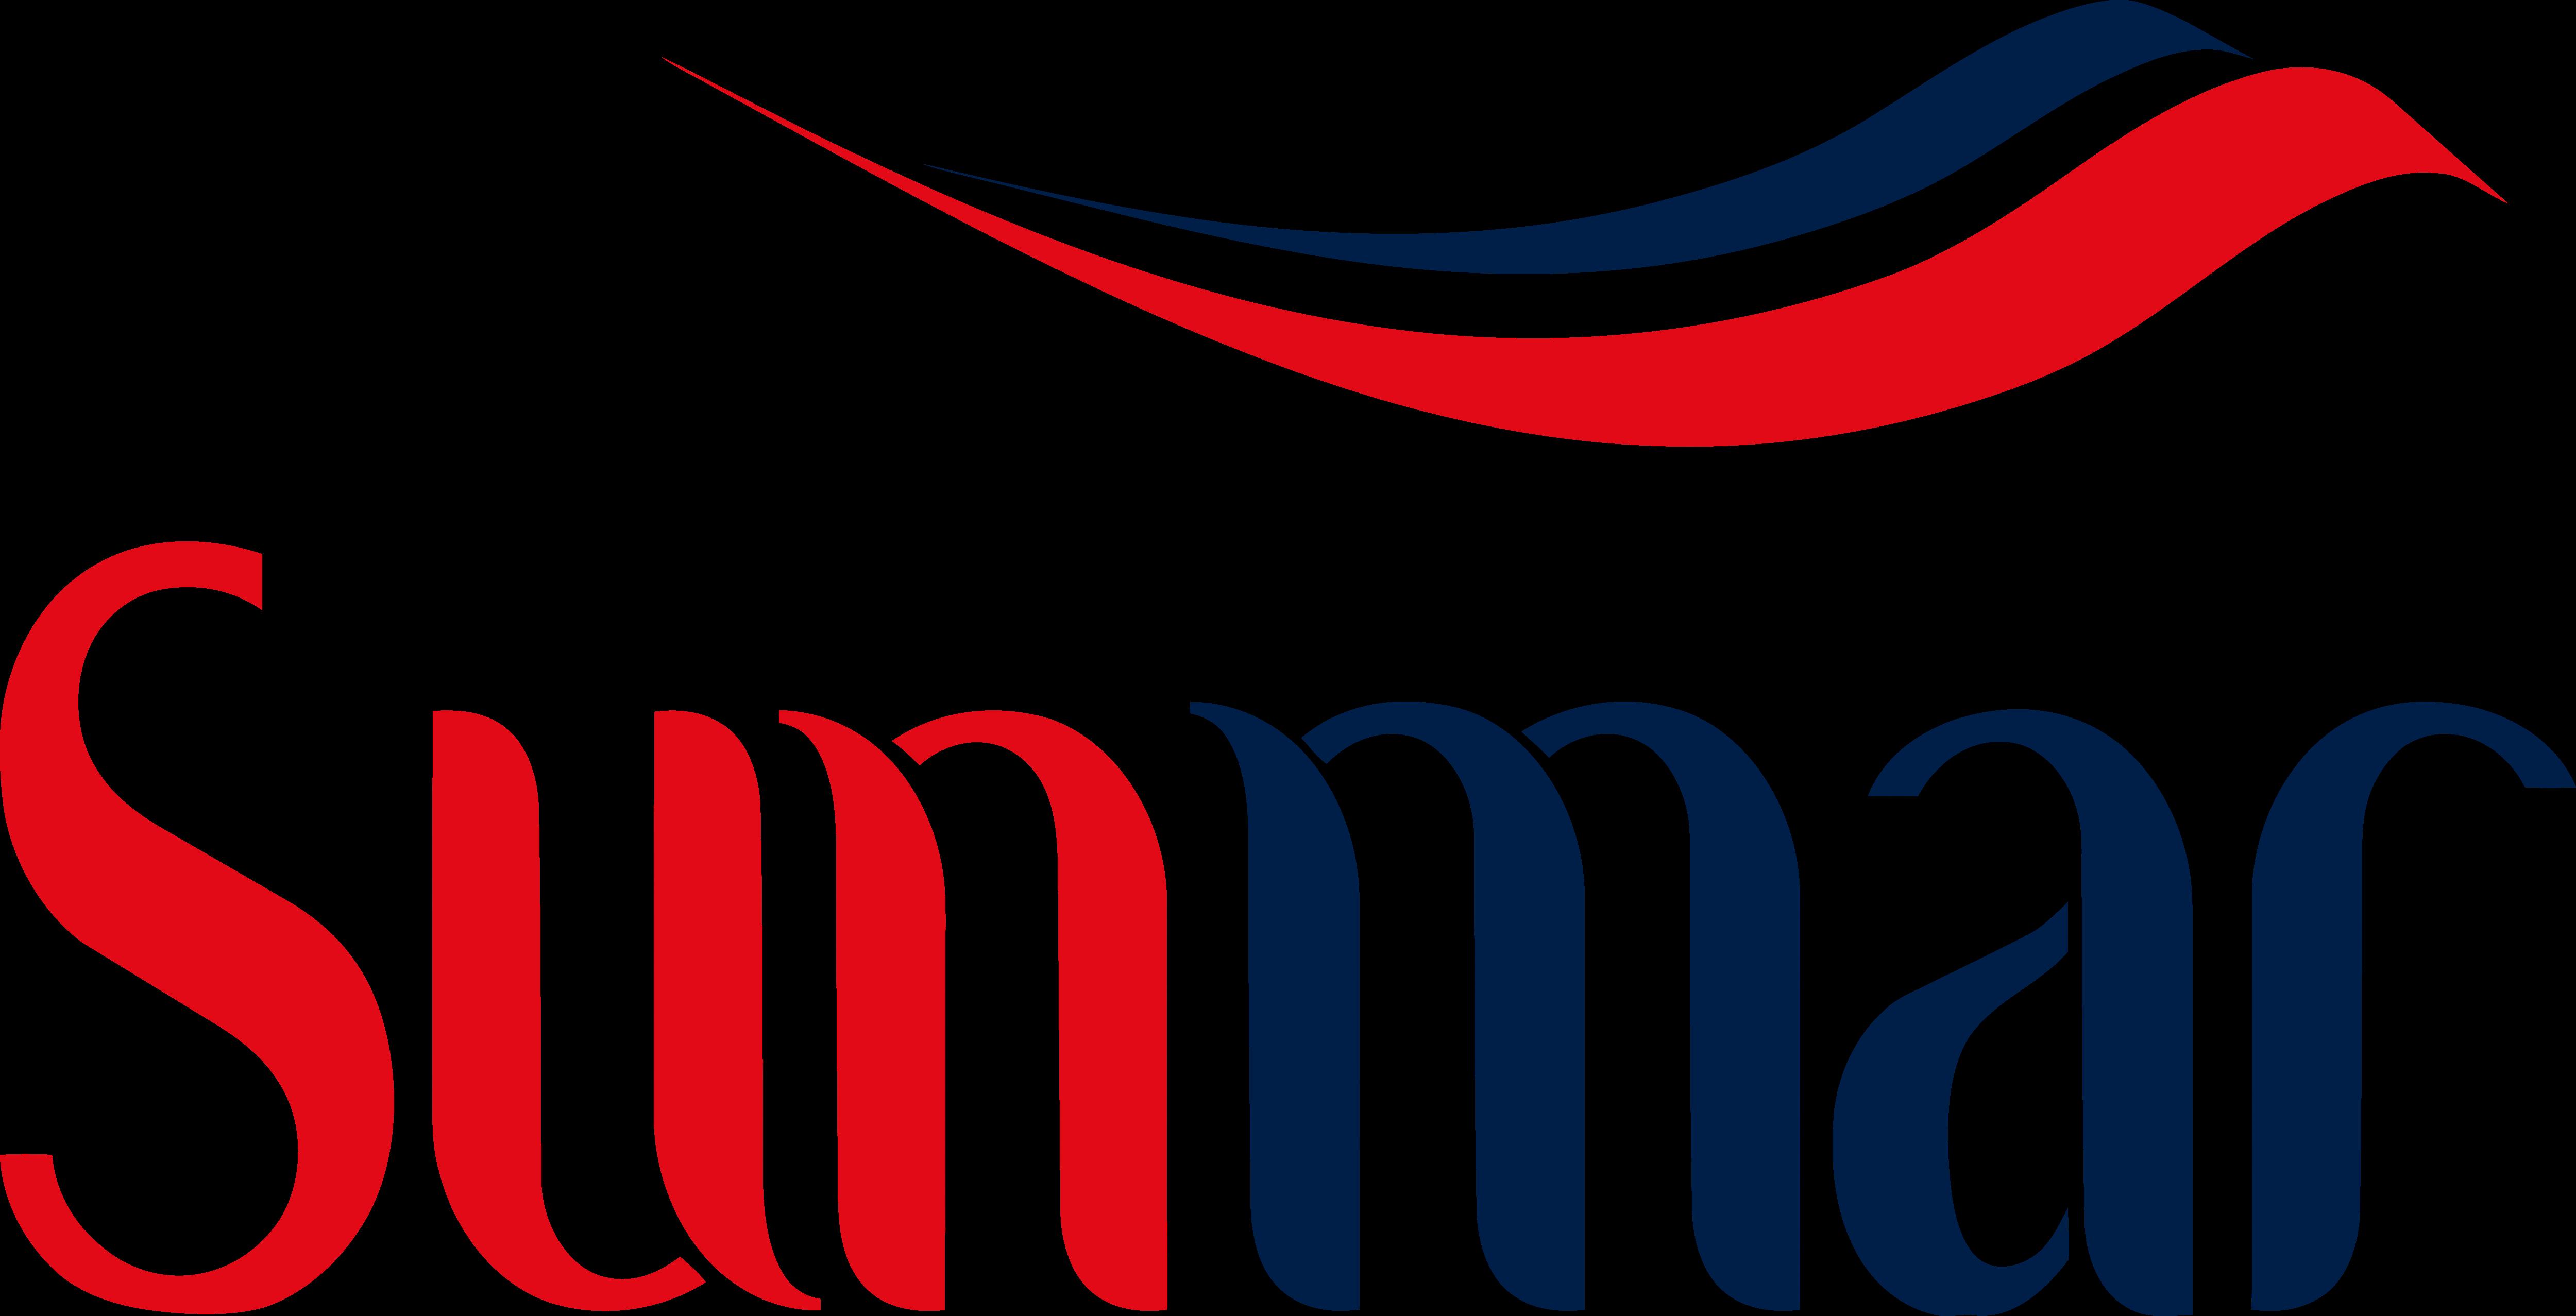 Sunmar Tour – Logos Download